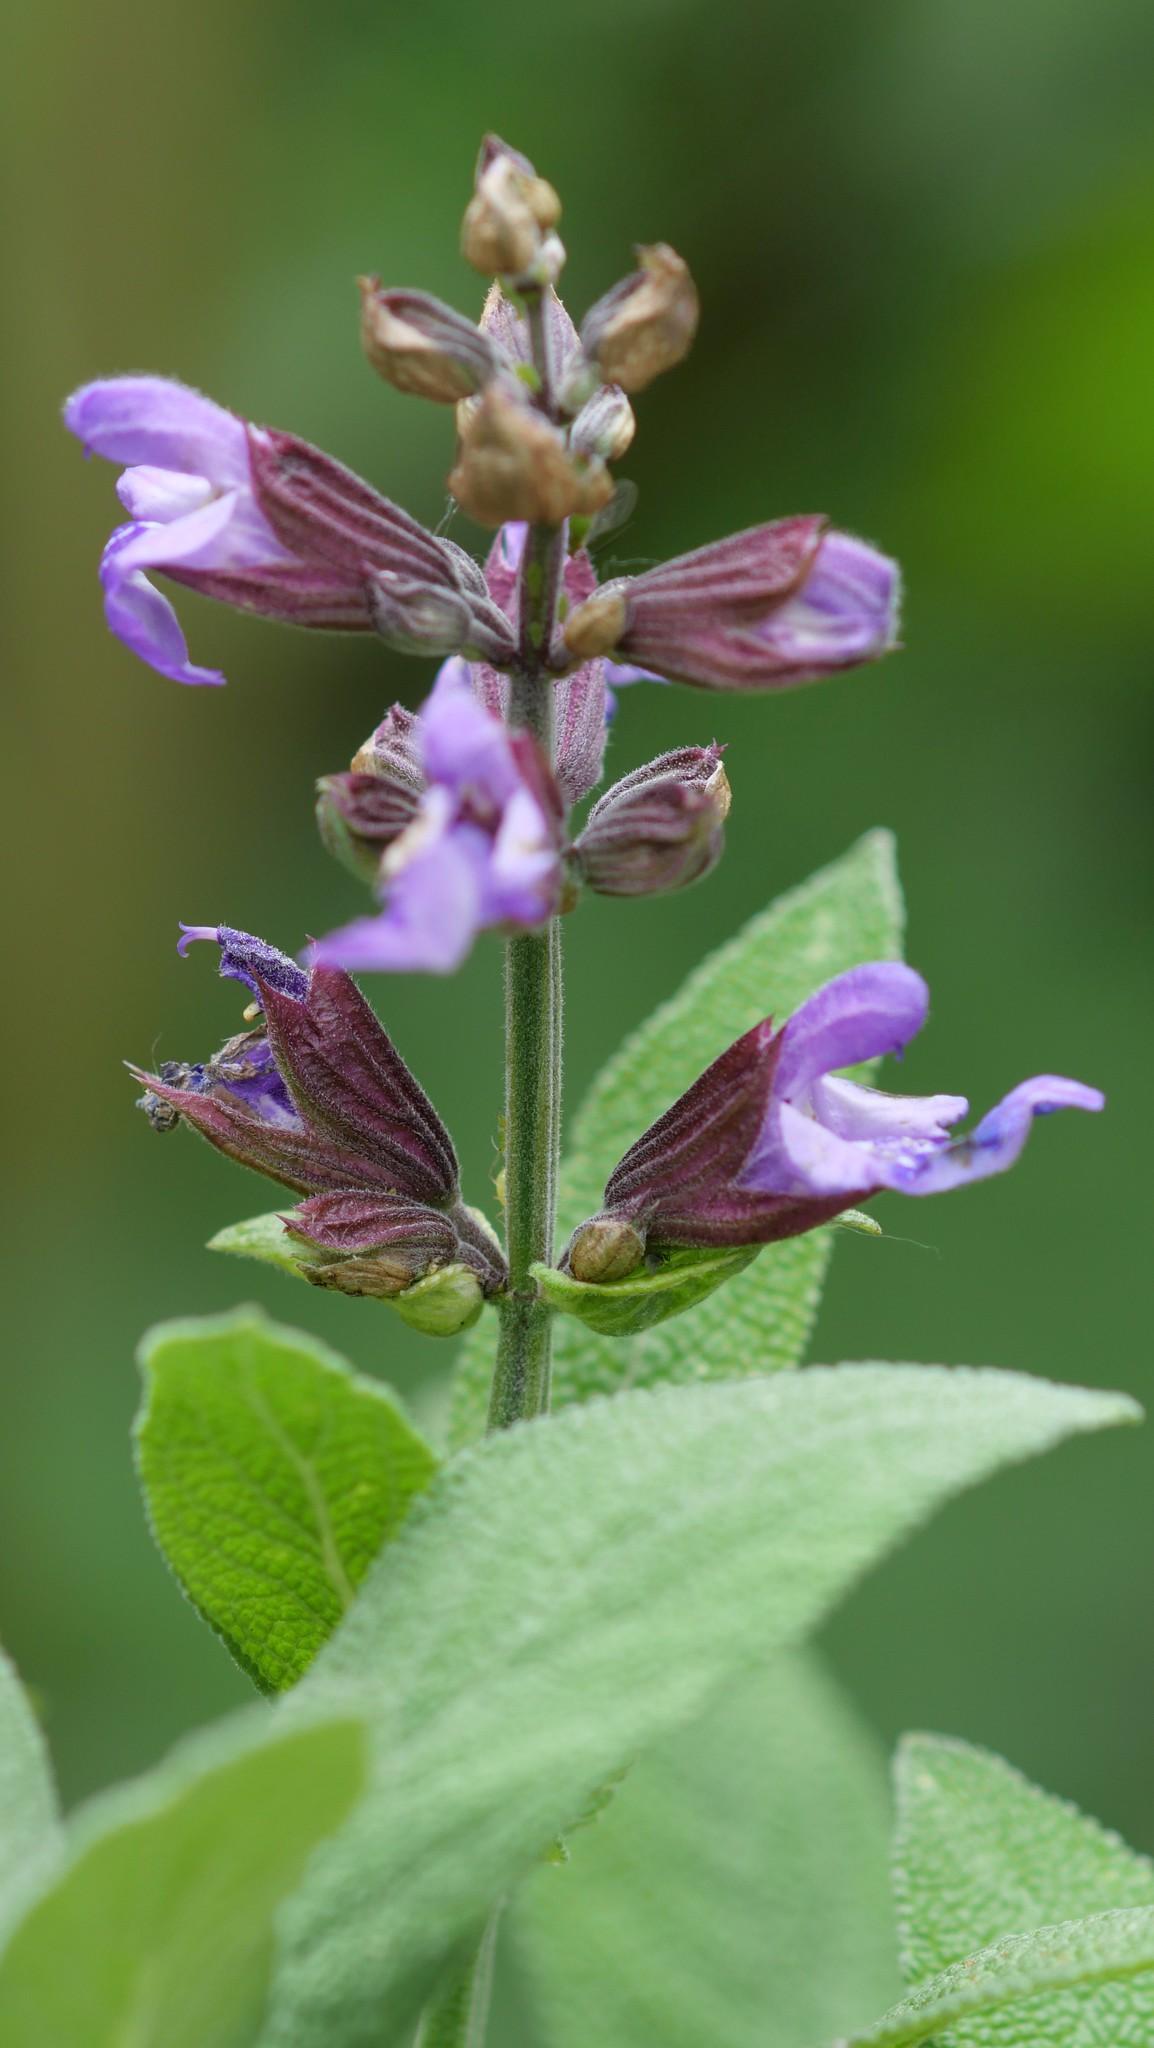 Szép lila virágjai vannak a képen látható növénynek: ehető vagy mérgező?